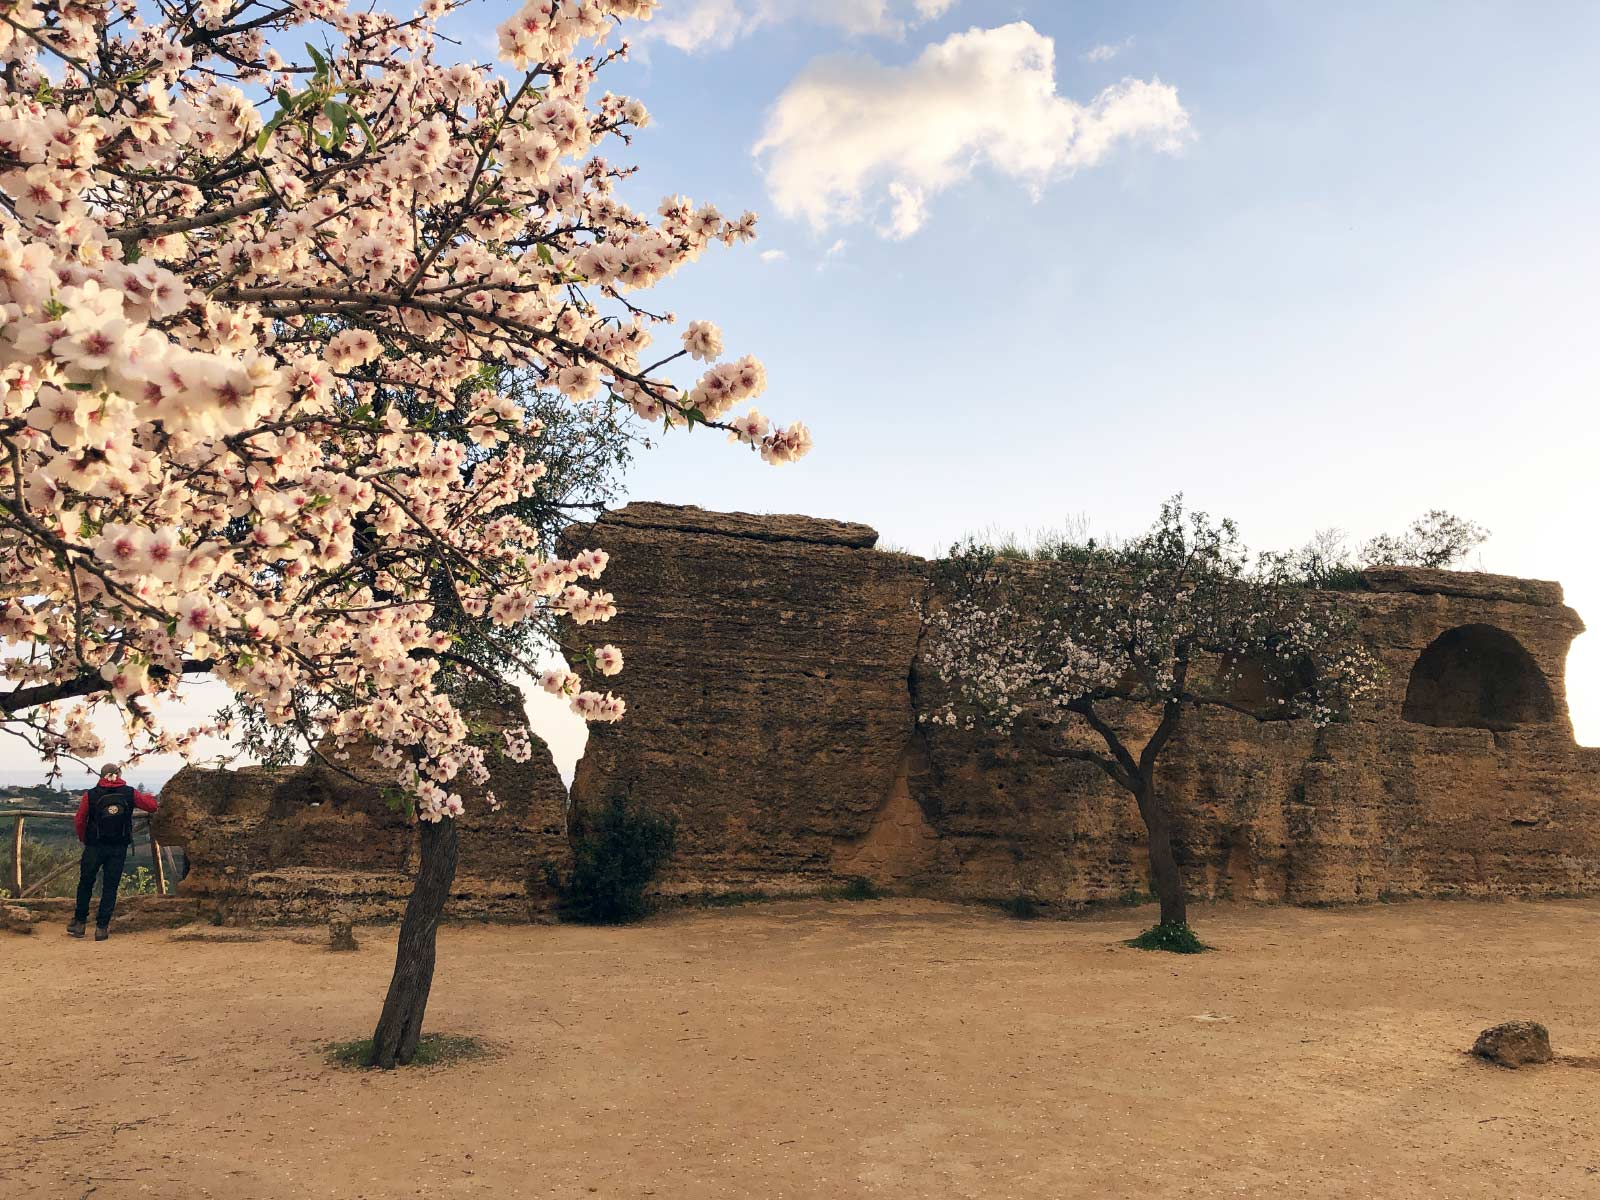 Le tombe ad arcosoli scavati nelle fortificazioni meridionali con i mandorli fioriti